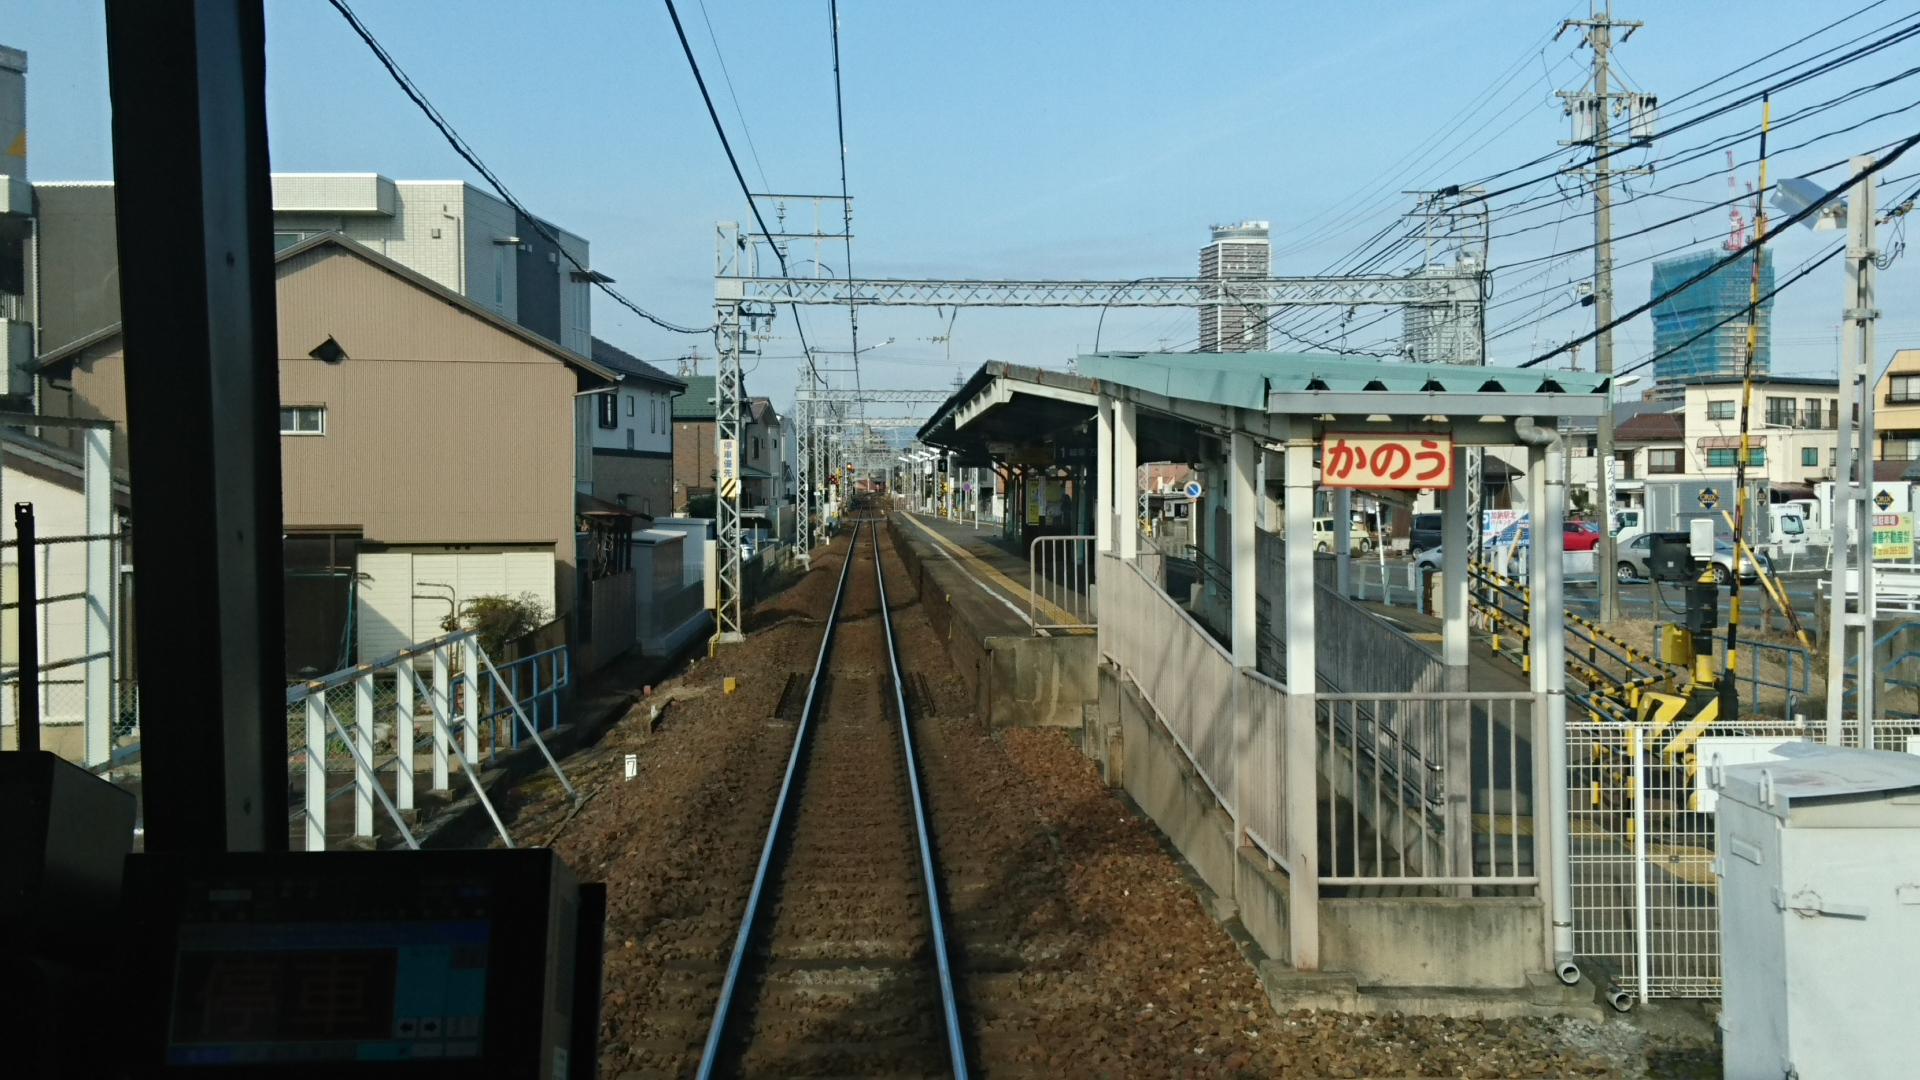 2018.2.19 岐阜 (102) 岐阜いきふつう - 加納 1920-1080